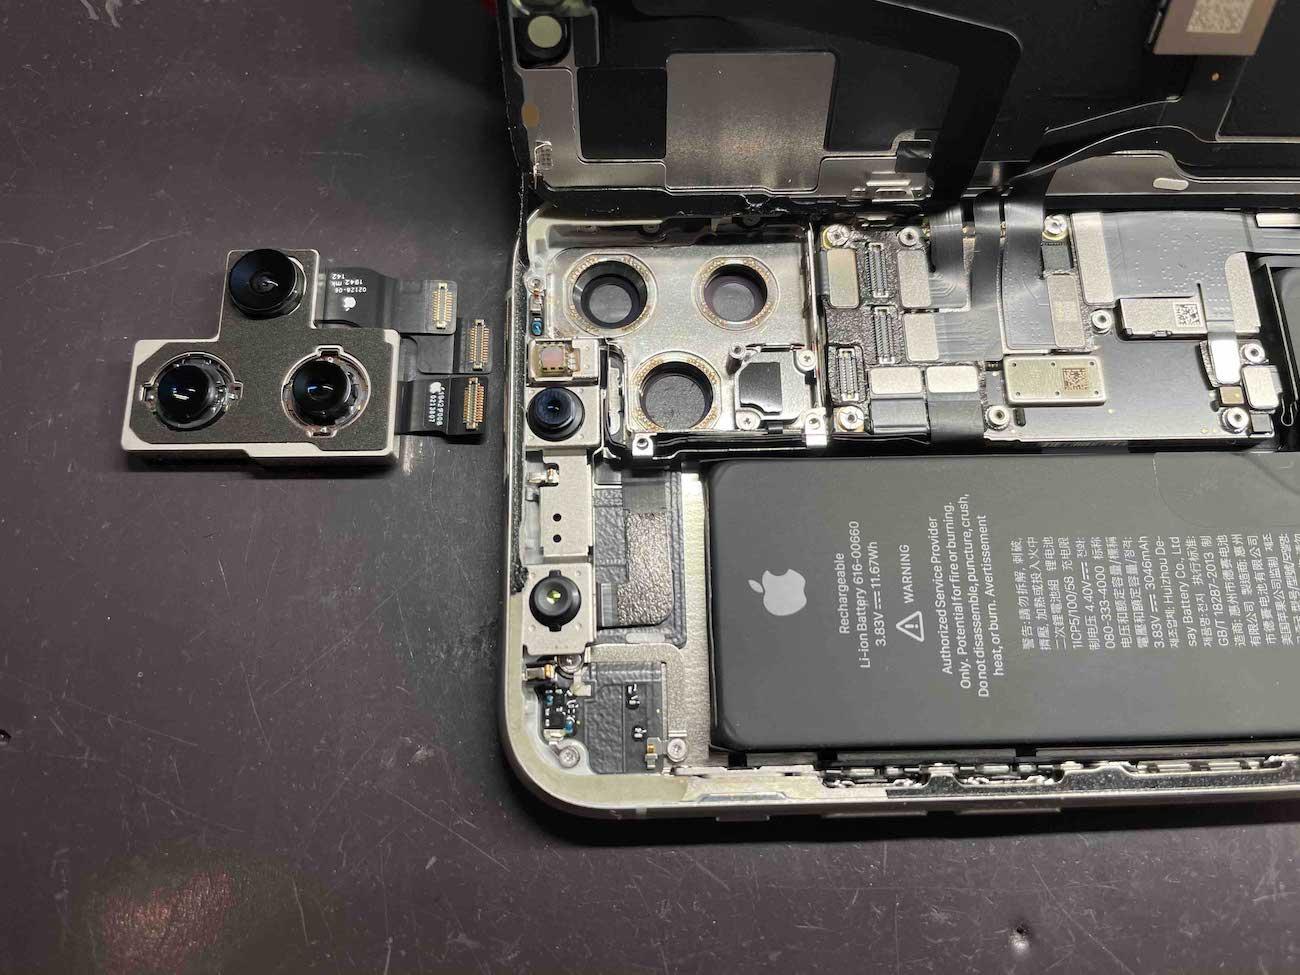 故障したiPhone11Proを分解した様子です。